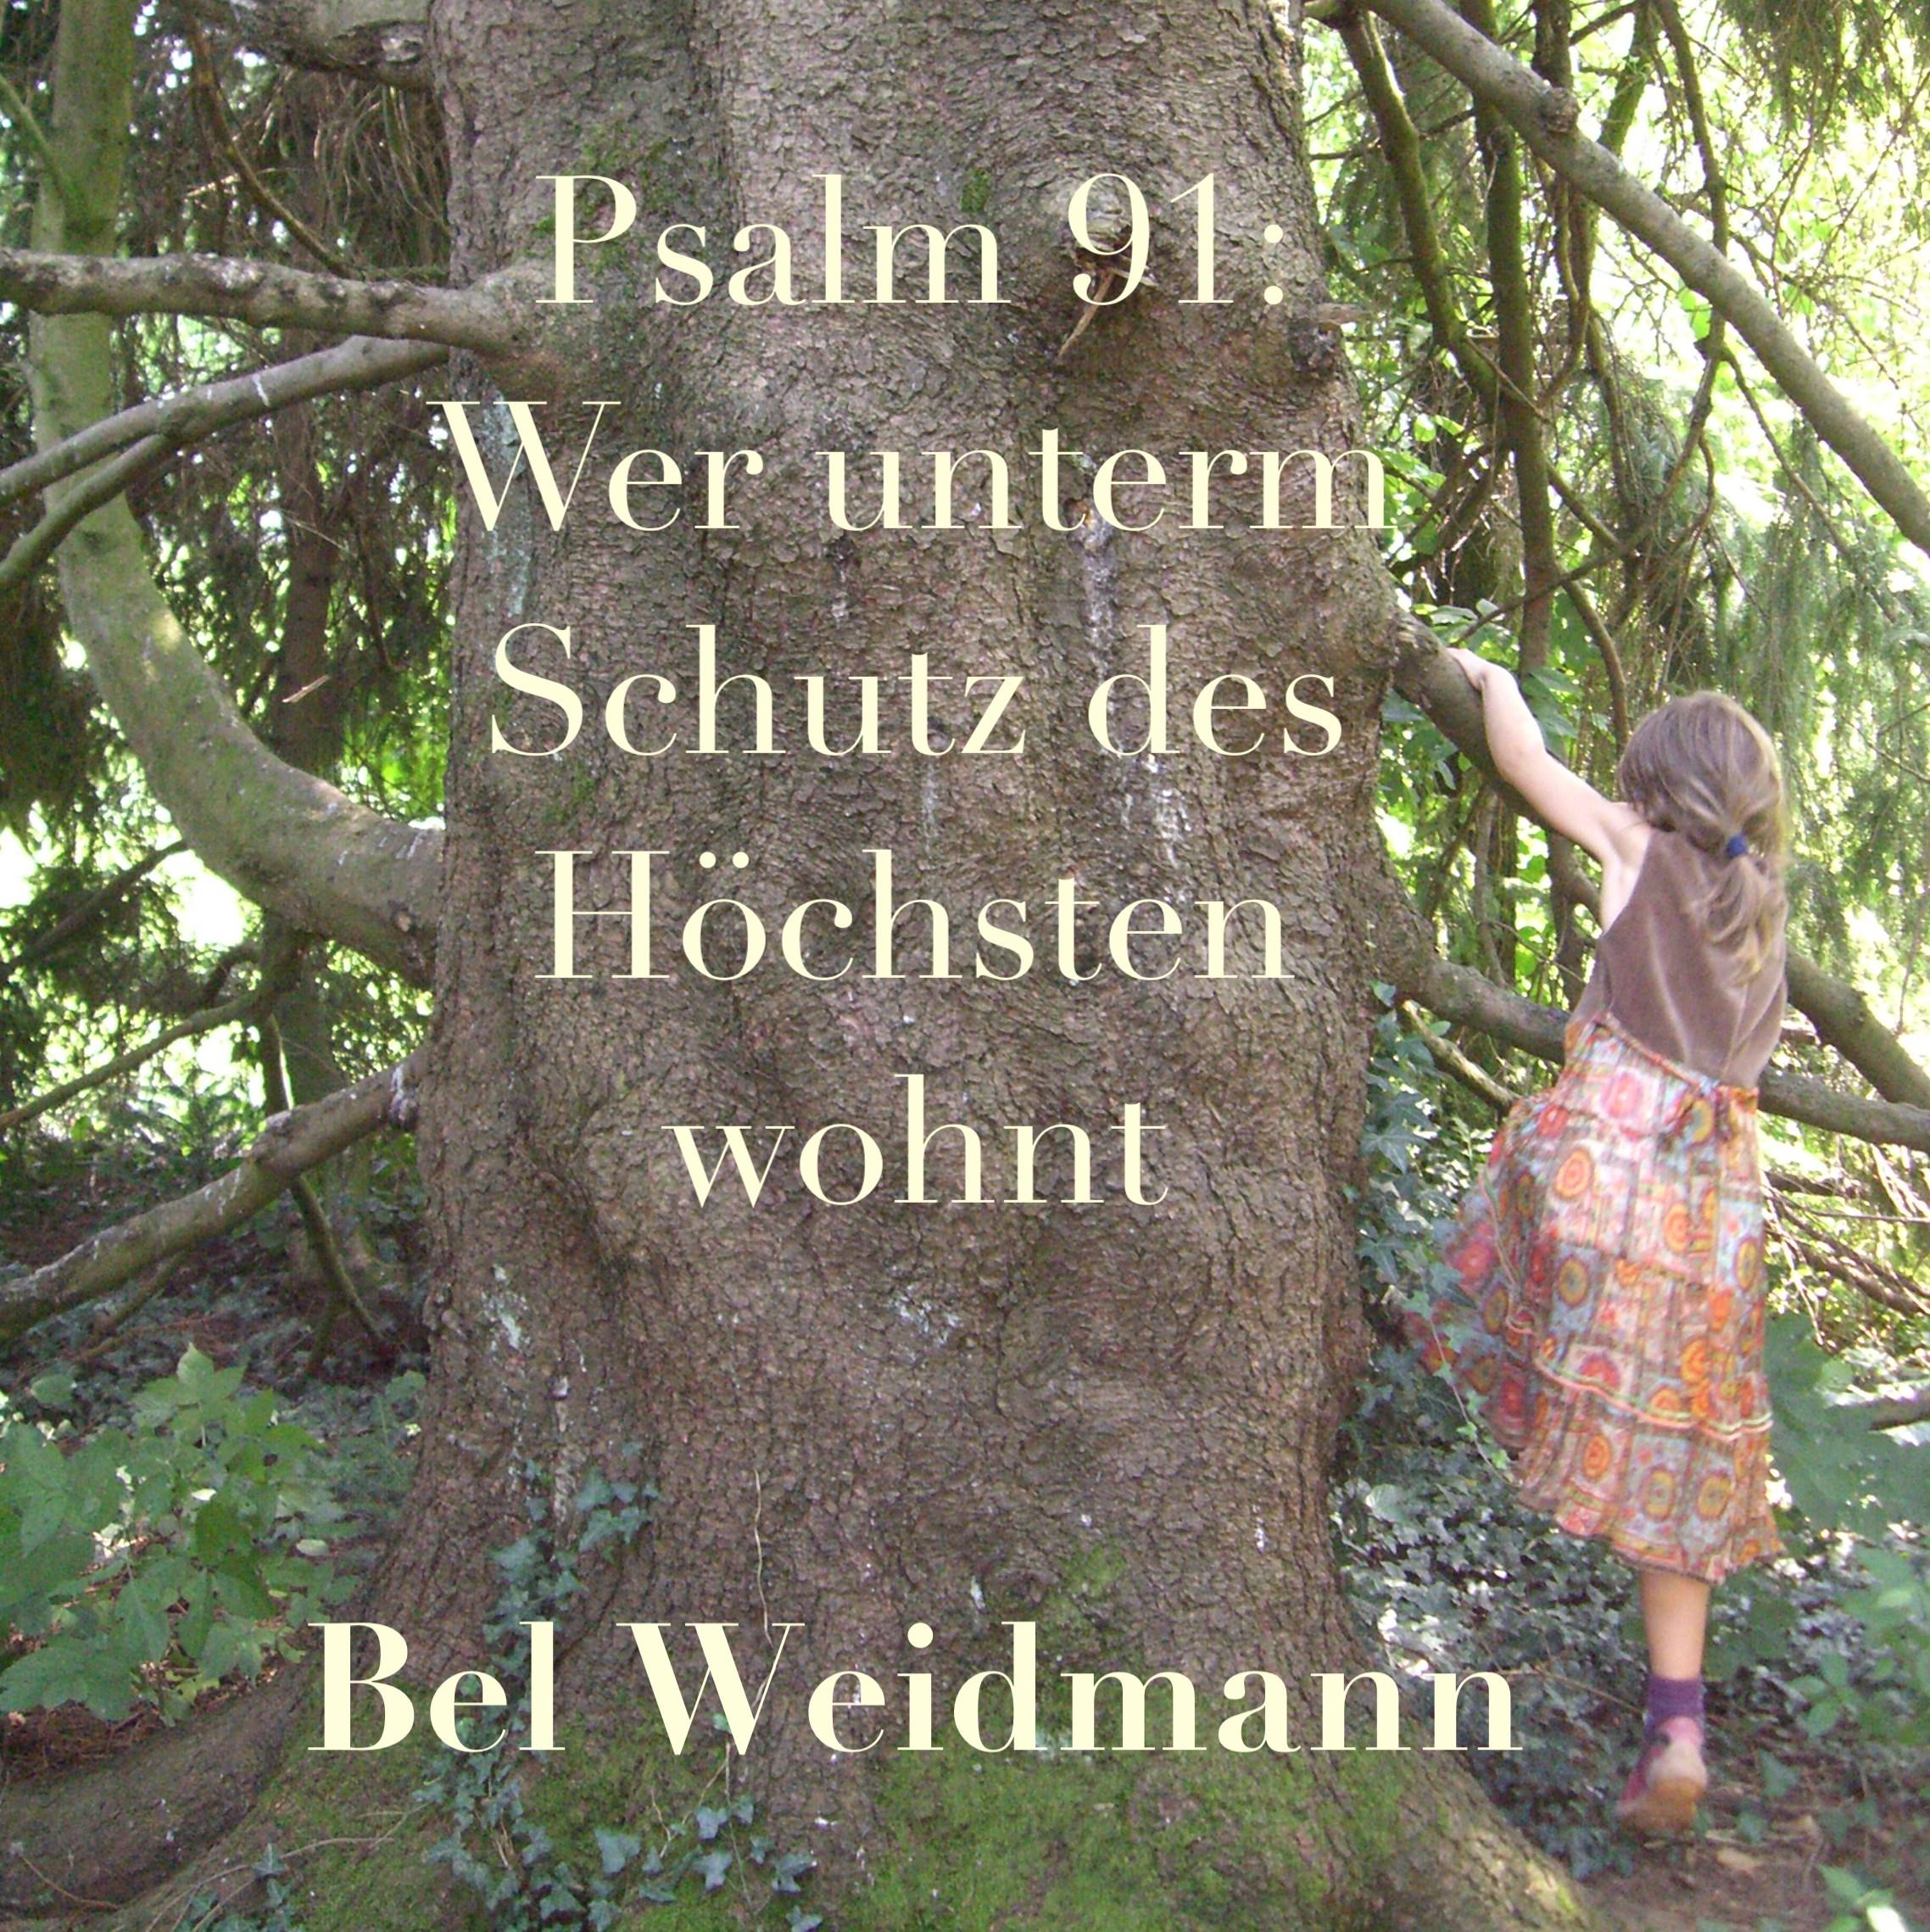 Psalm 91 – Wer unterm Schutz des Höchsten wohnt